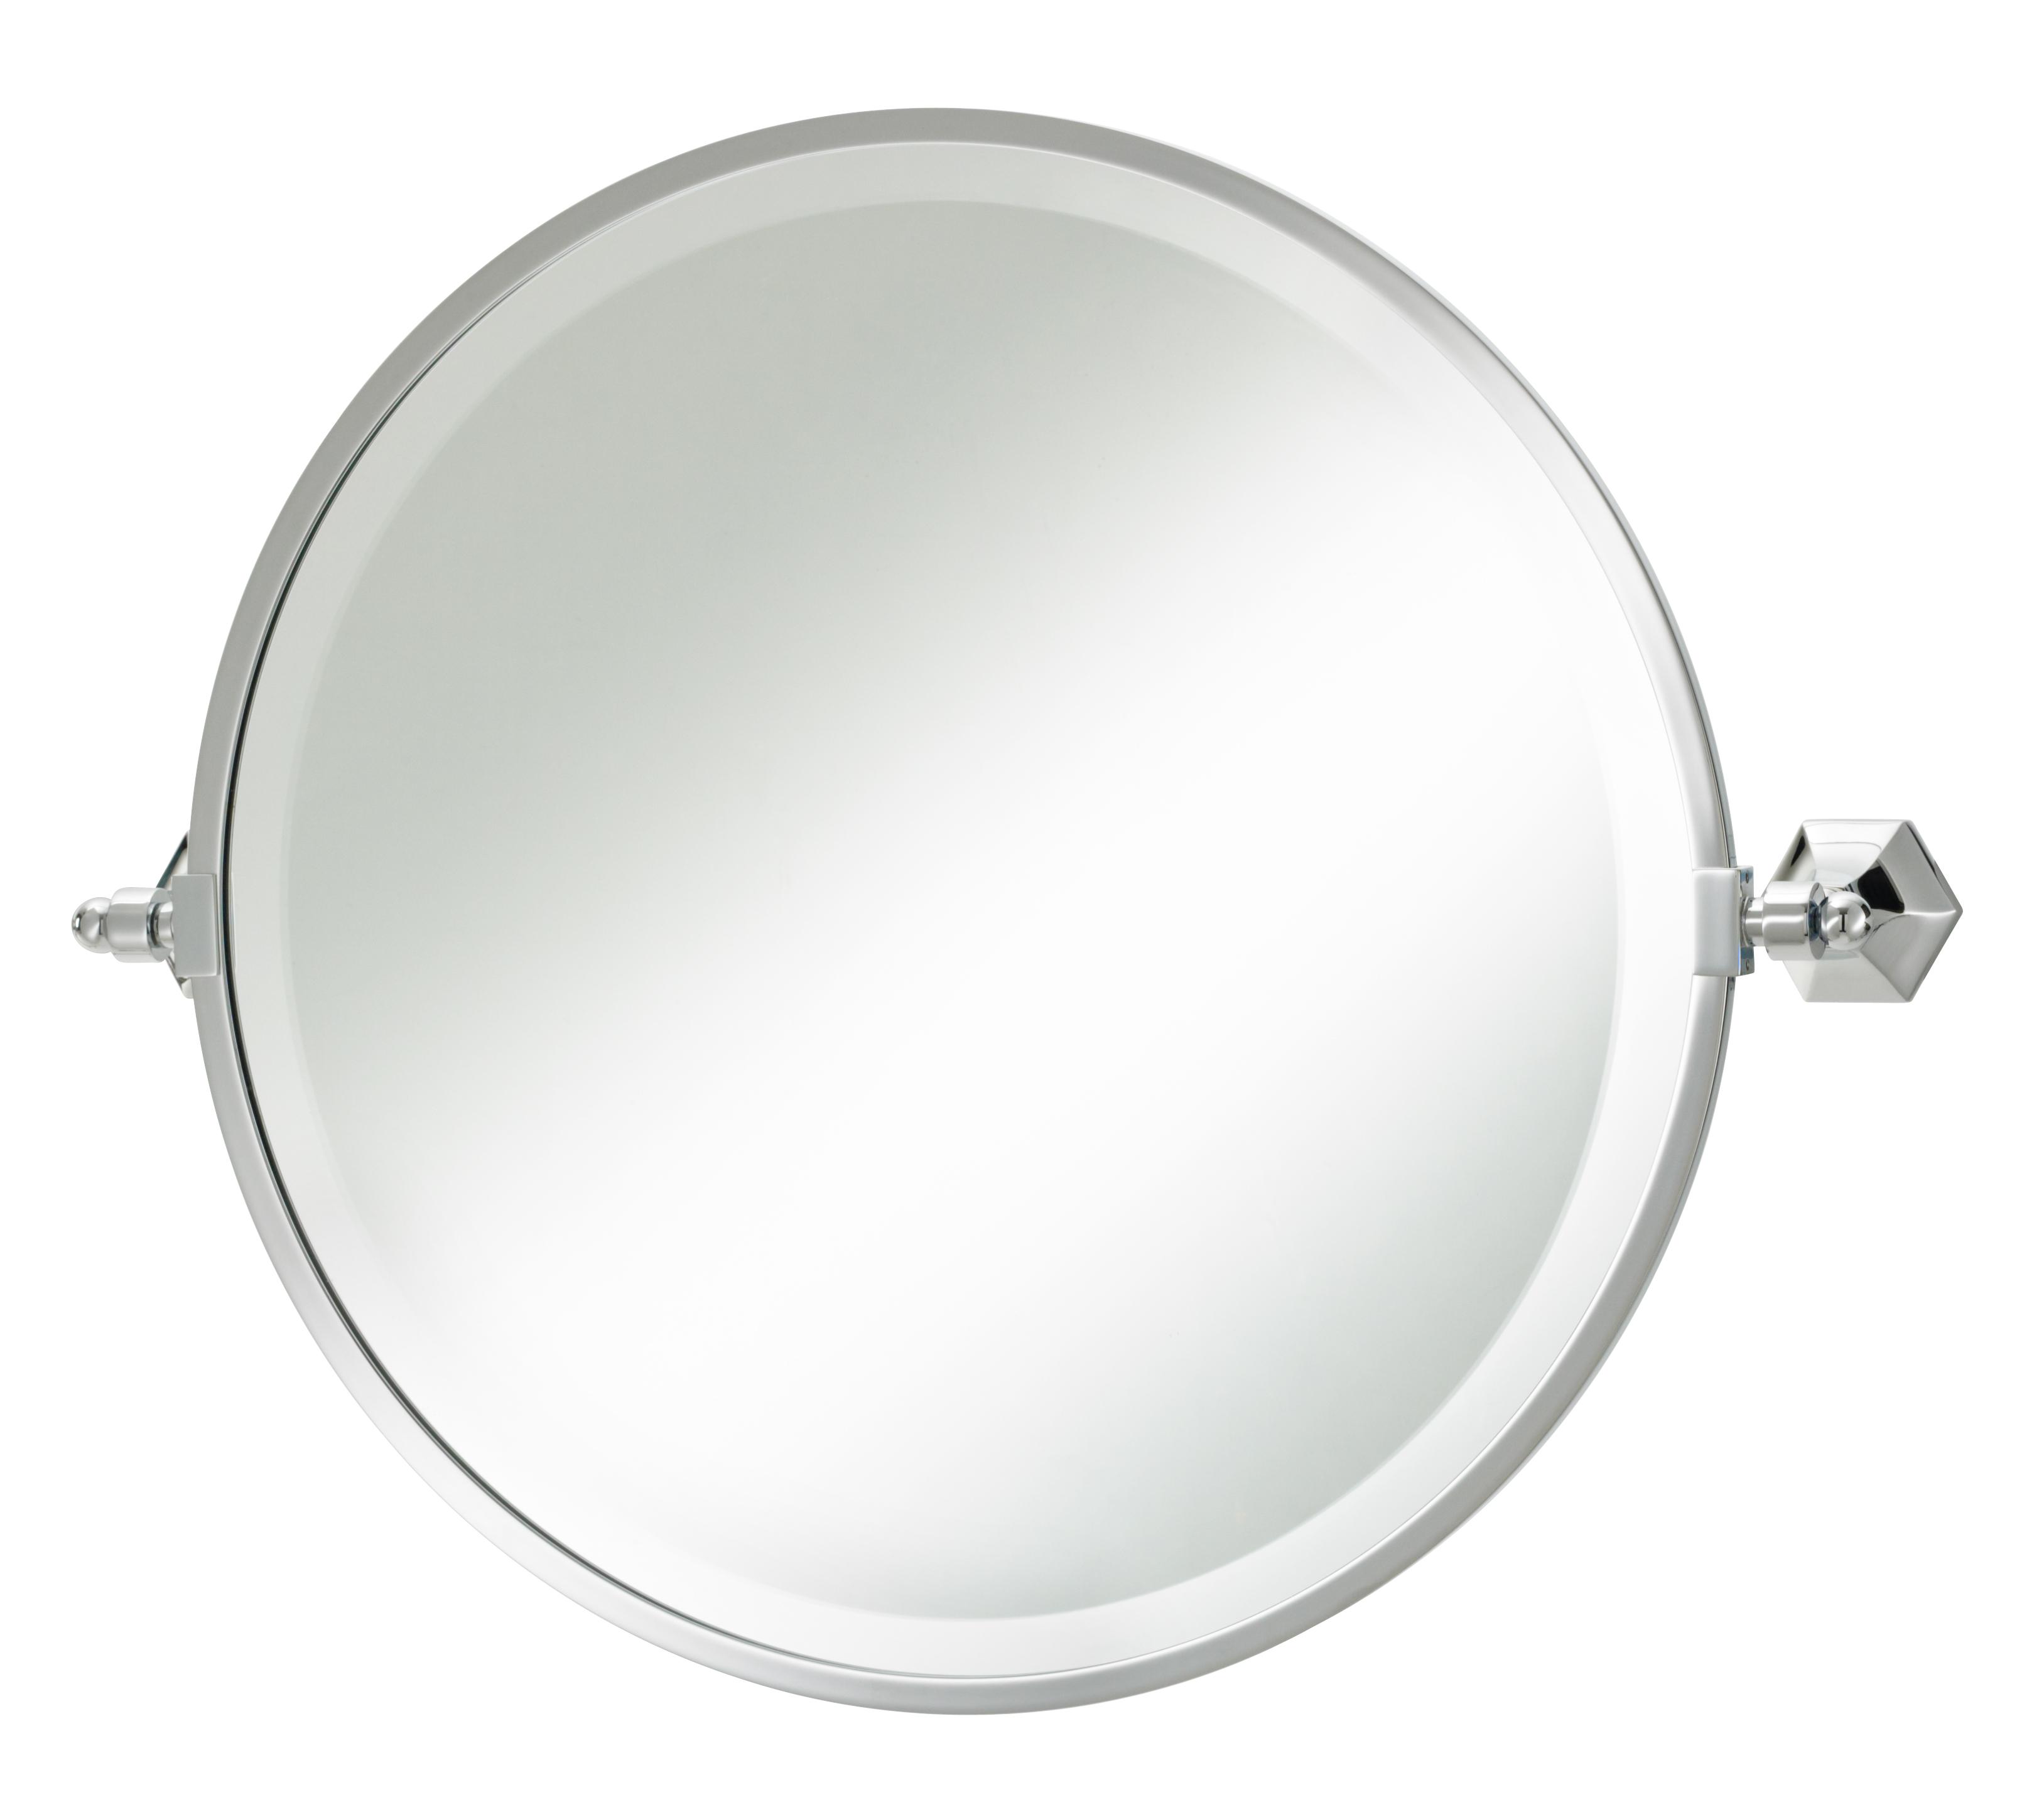 Craftmaster Round Tilt Mirror